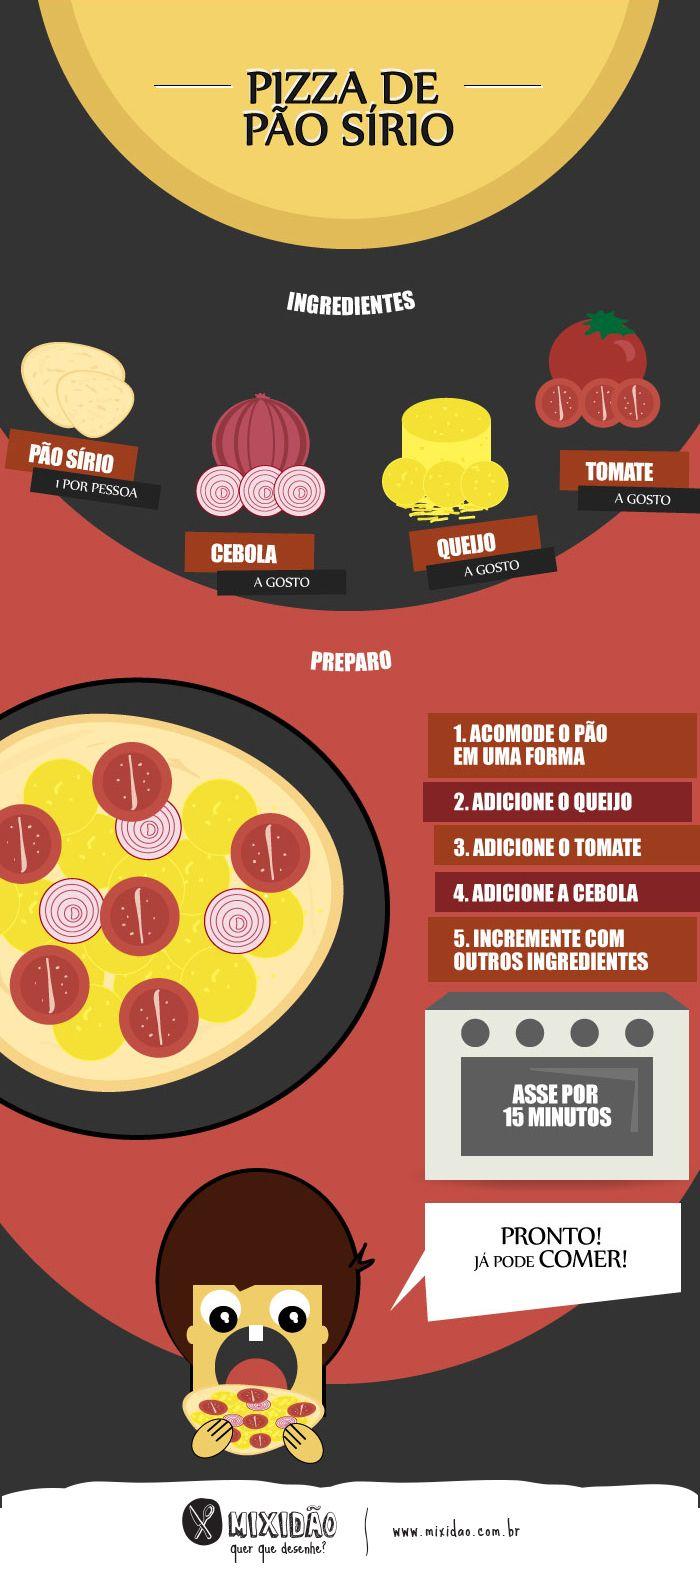 infográfico de pizza de pão síro